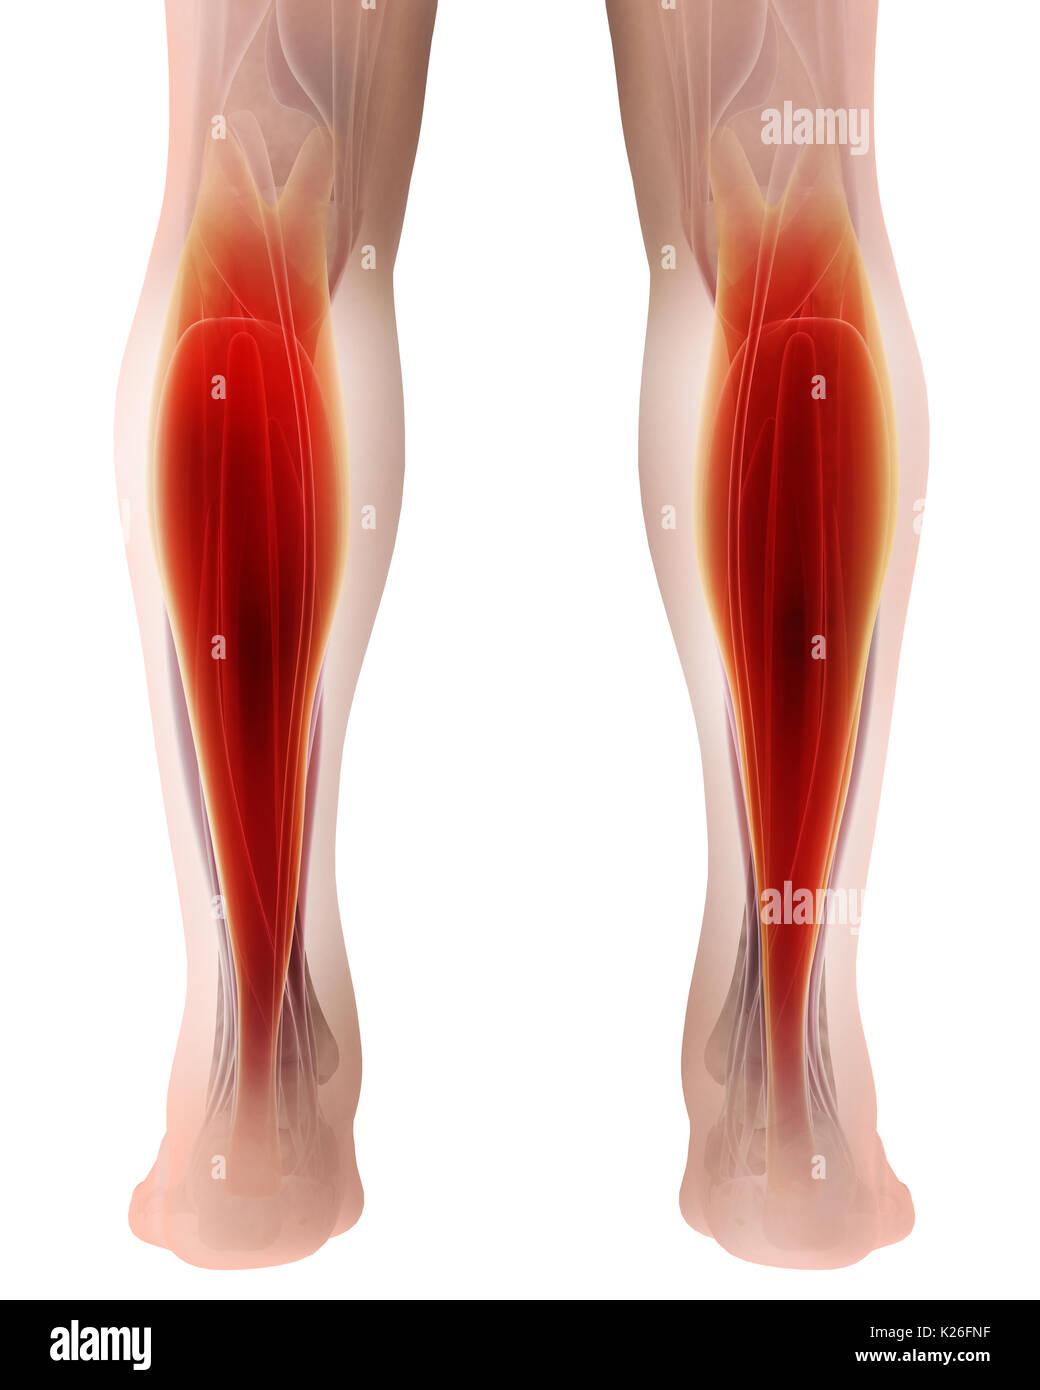 Ilustración 3d de gastrocnemio, parte de piernas anatomía muscular ...